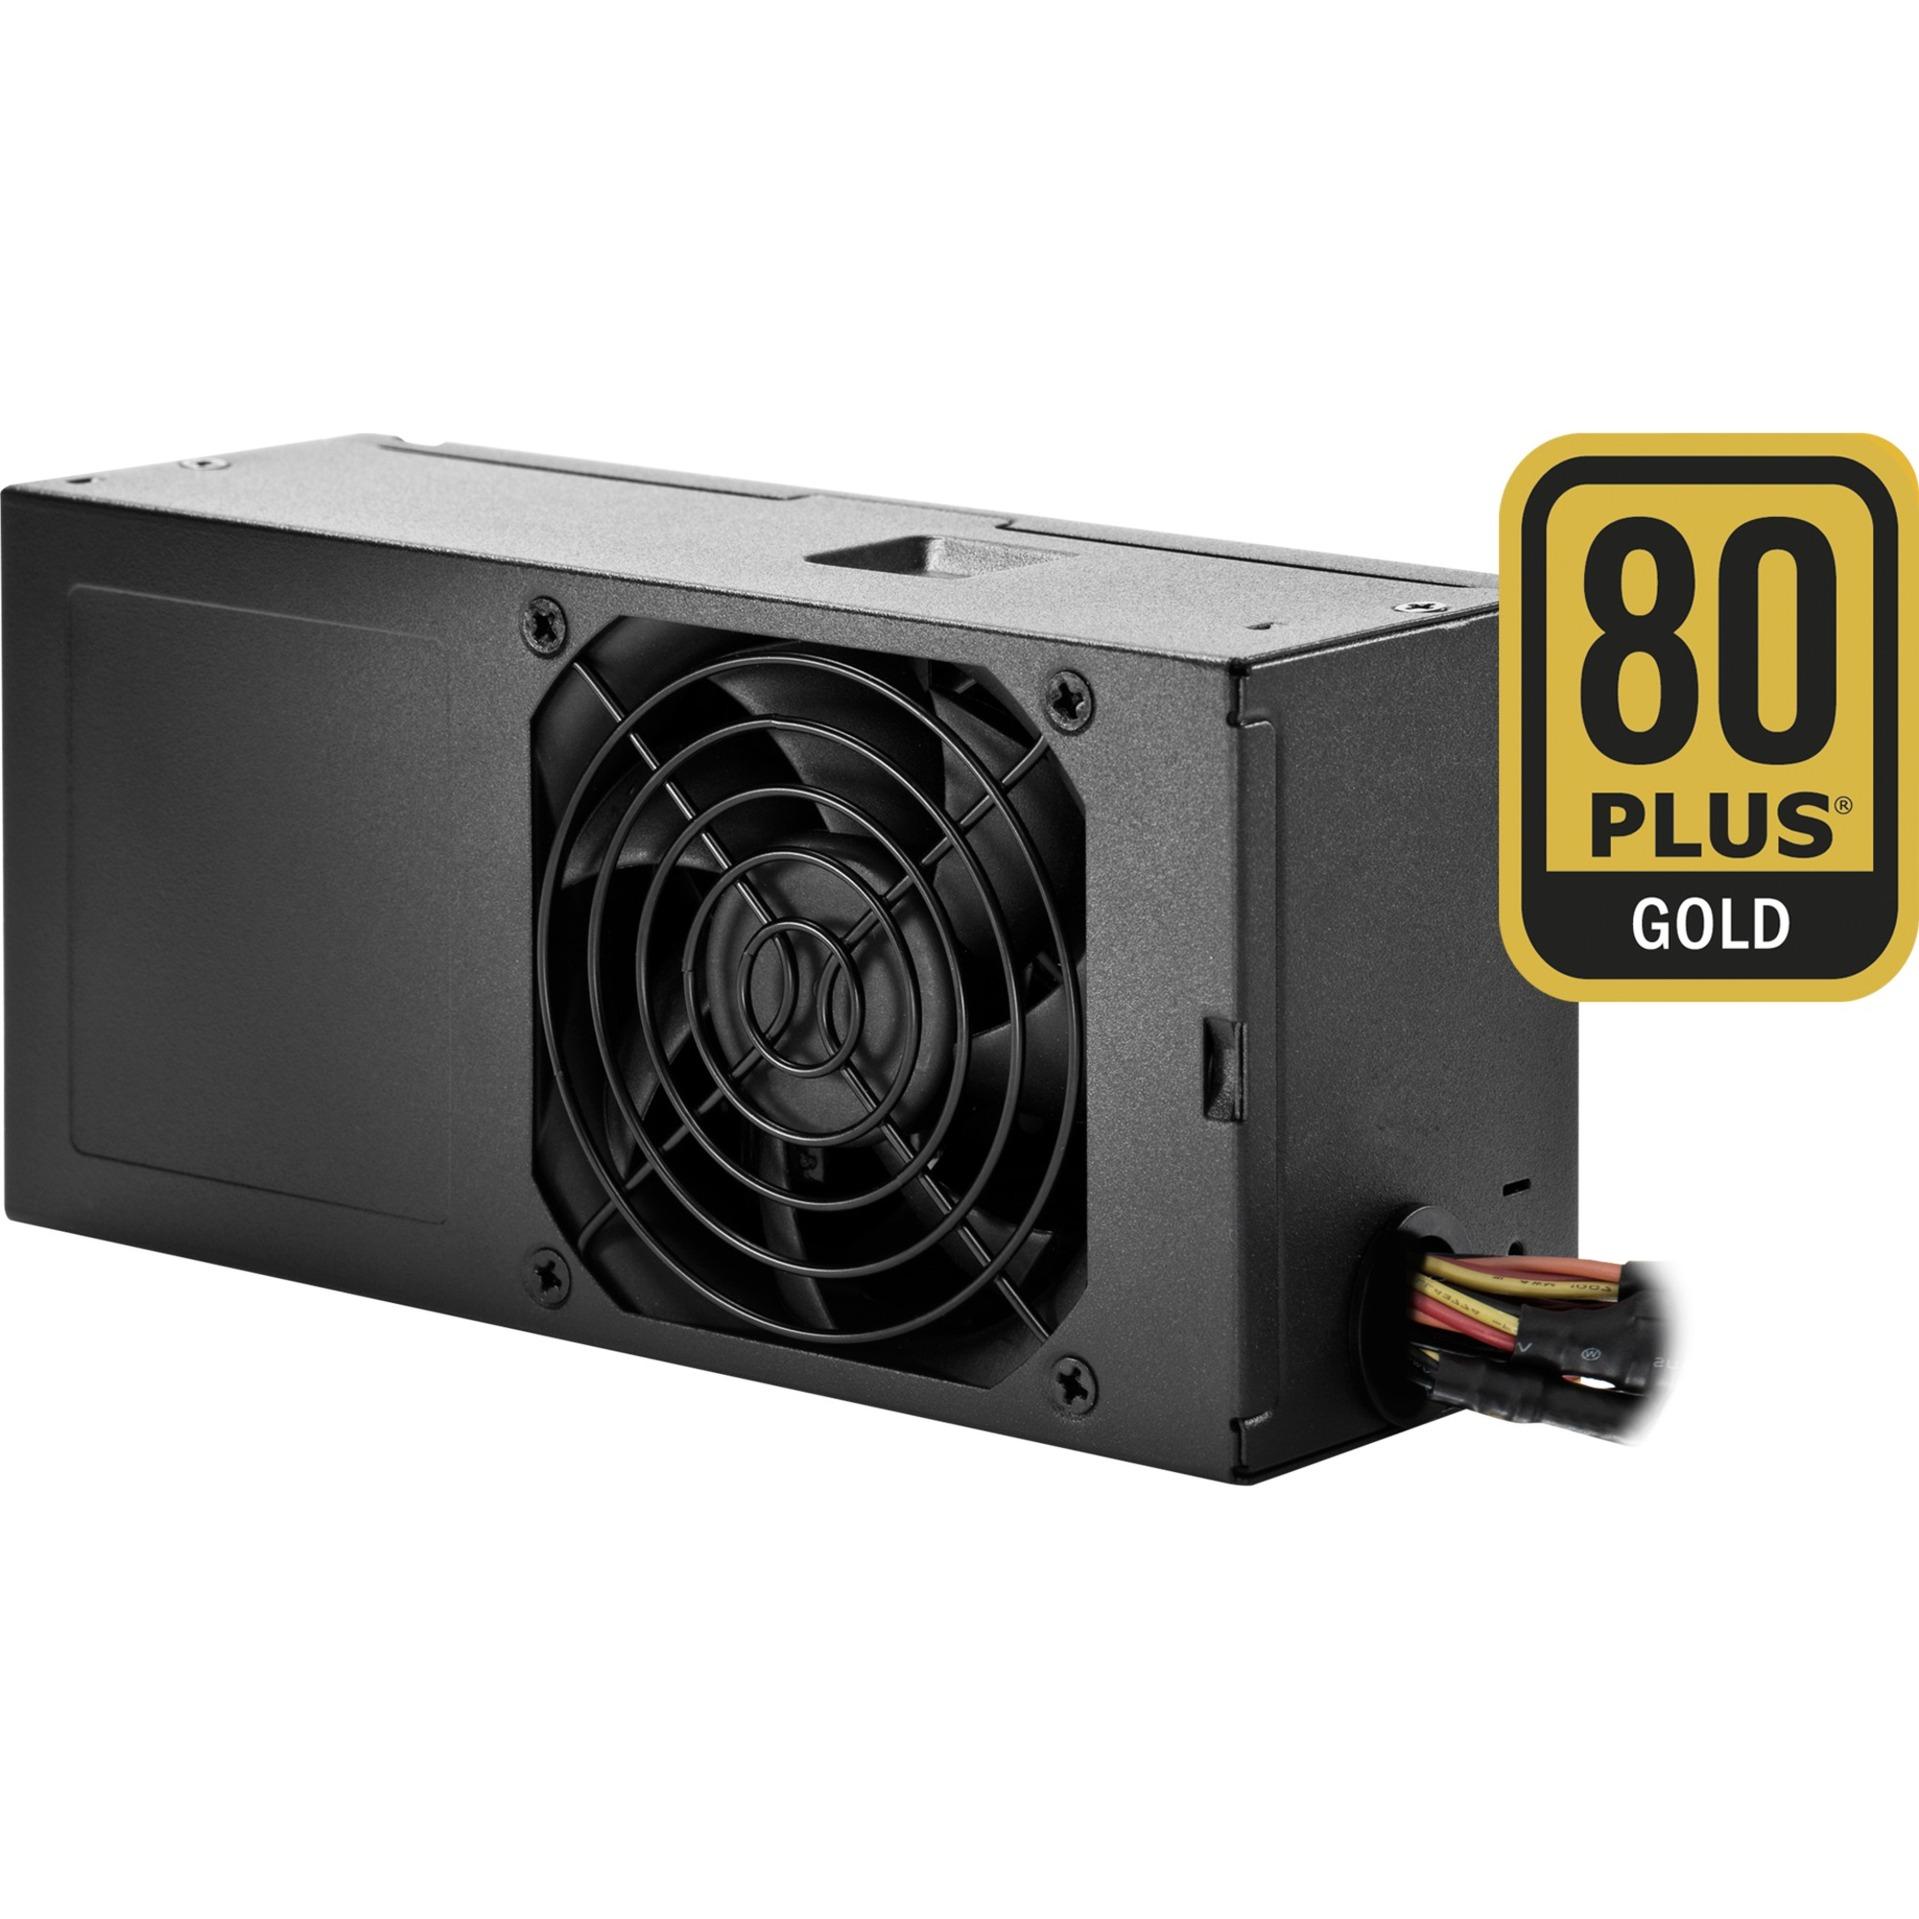 BN229 unidad de fuente de alimentación 300 W TFX Negro, Fuente de alimentación de PC